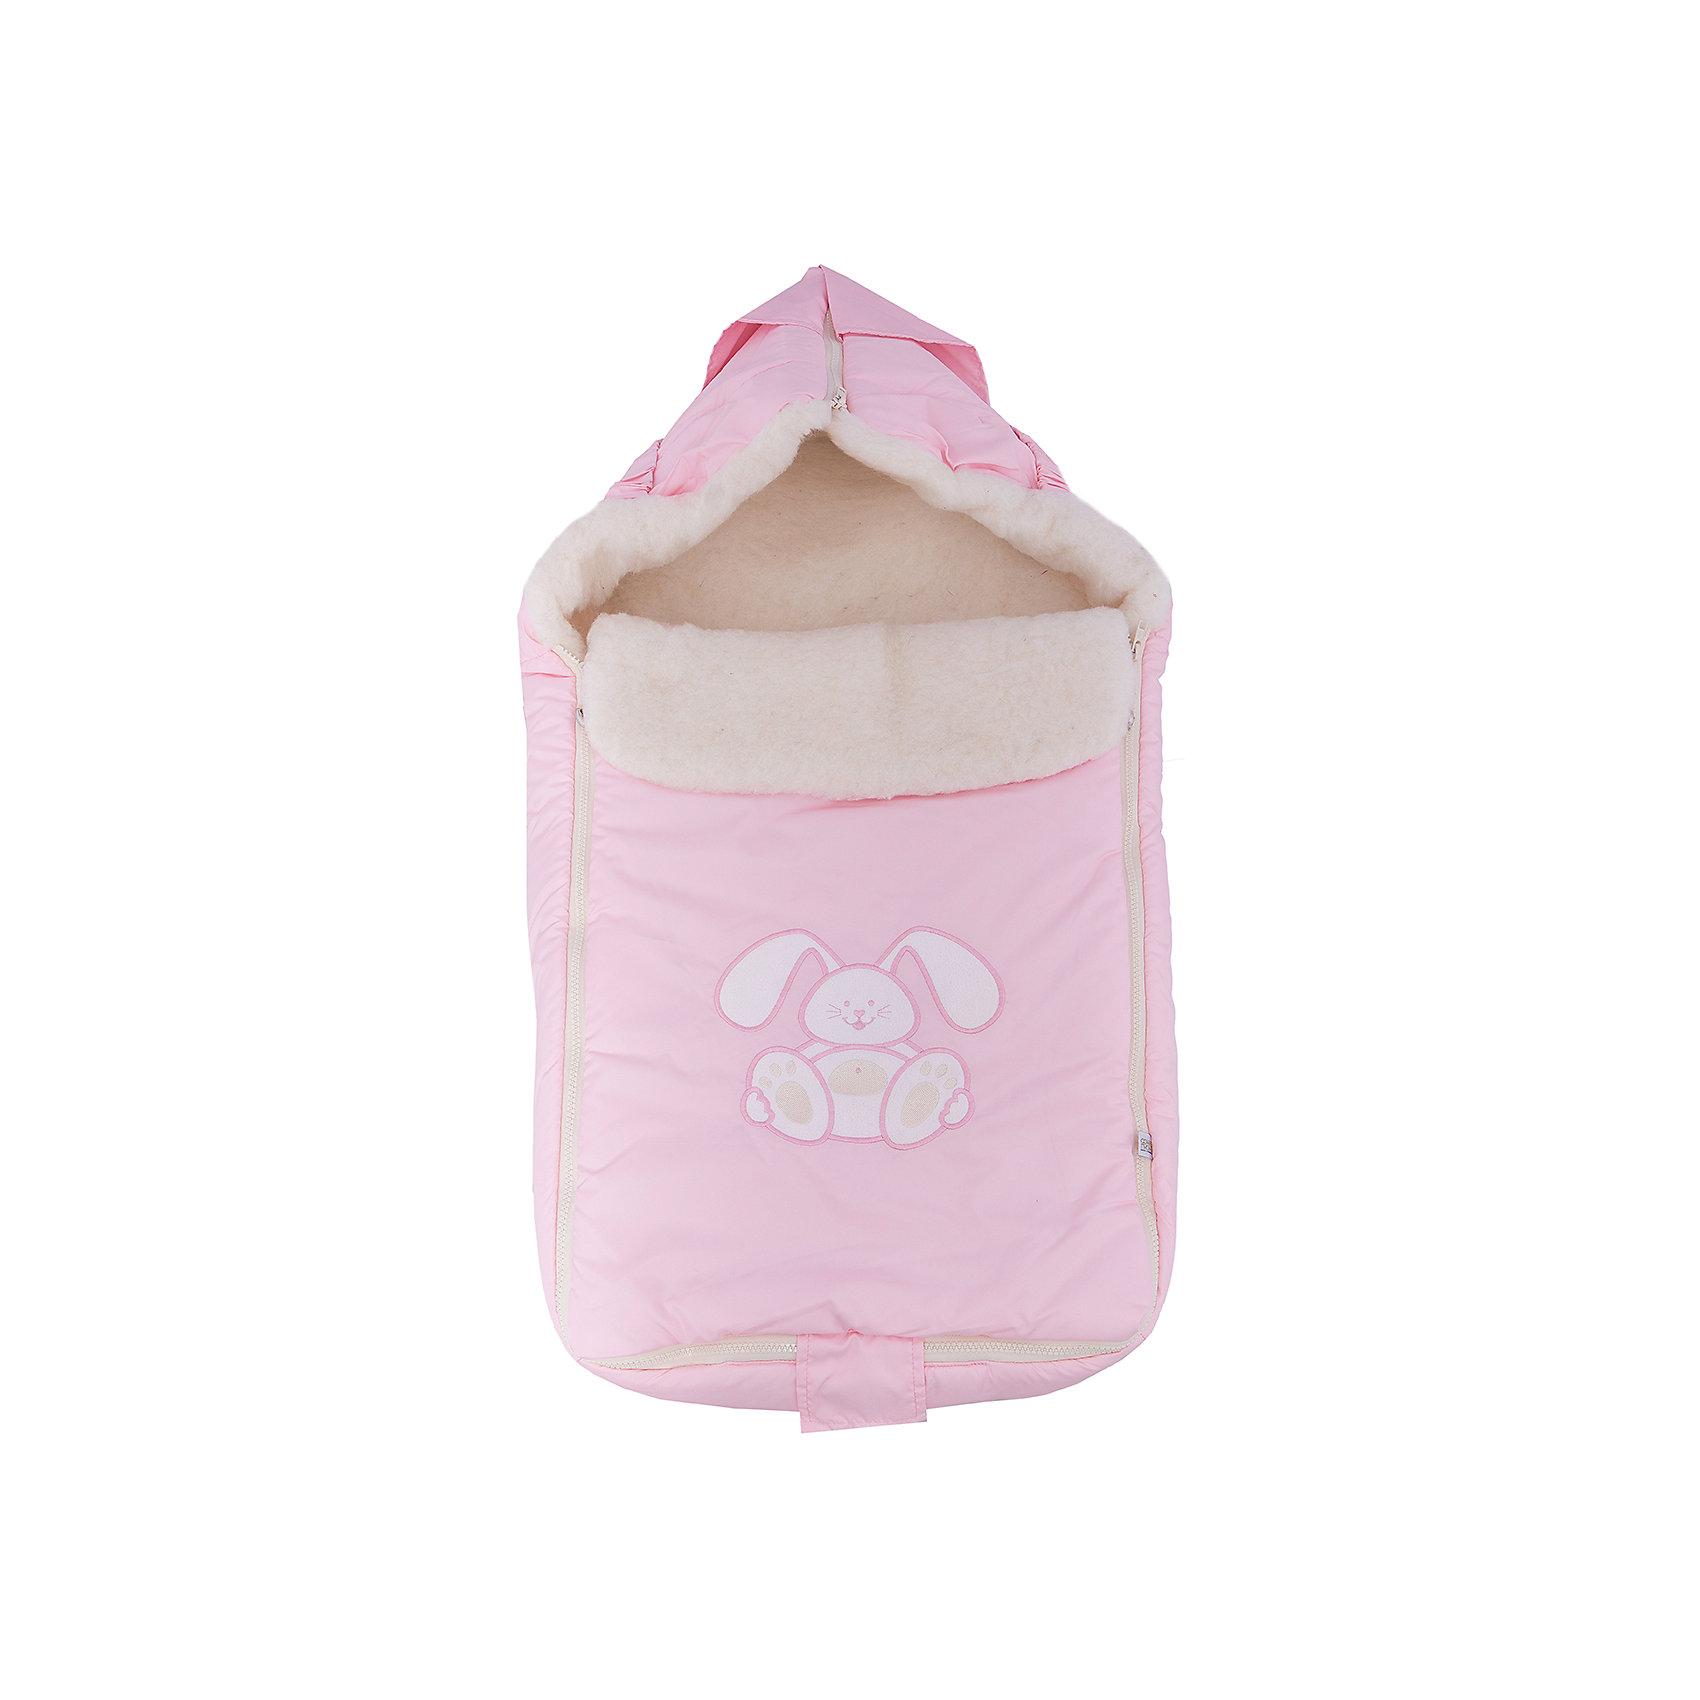 Конверт меховой Зайчик, Сонный гномик, розовыйЗимние конверты<br>Характеристики:<br><br>• Вид детского текстиля: конверт<br>• Предназначение: для прогулки, на выписку<br>• Сезон: зима<br>• Форма конверта: мешок<br>• Утеплитель: шелтер, 200 г/кв.м<br>• Степень утепления: высокая<br>• Температурный режим: от 0? С до -20? С<br>• Пол: для девочки<br>• Тематика рисунка: зайчонок<br>• Материал: дюспо (100% полиэстер); натуральная овечья шерсть<br>• Цвет: розовый, белый<br>• Размеры: 45*80 см<br>• По бокам имеются застежки-молнии<br>• Застежка-молния на капюшоне<br>• Вес в упаковке: 740 г<br>• Особенности ухода: допускается щадящая химчистка или деликатная стирка <br><br>Конверт меховой Зайчик, Сонный гномик, розовый от отечественного торгового бренда изготовлен с учетом международных требований к качеству и безопасности товаров для детей. Верх изделия выполнен из 100% полиэстера, который отличается повышенными водоотталкивающими и непродуваемыми свойствами. Высокую степень утепления обеспечивает гипоаллергенный шелтер и натуральная овечья шерсть. Конверт выполнен в форме мешка, для удобства одевания по бокам предусмотрены застежки-молнии. Капюшон формируется молнией, на передней полочке предусмотрен отворот, который при необходимости защищает личико малыша от ветра и холодного воздуха. Изделие выполнено в ярком дизайне: ярко розовый фон, на котором по центру расположена аппликация милого зайчонка.<br><br>Конверт меховой Зайчик, Сонный гномик, розовый можно купить в нашем интернет-магазине.<br><br>Ширина мм: 600<br>Глубина мм: 80<br>Высота мм: 450<br>Вес г: 700<br>Возраст от месяцев: 0<br>Возраст до месяцев: 12<br>Пол: Женский<br>Возраст: Детский<br>SKU: 4286375